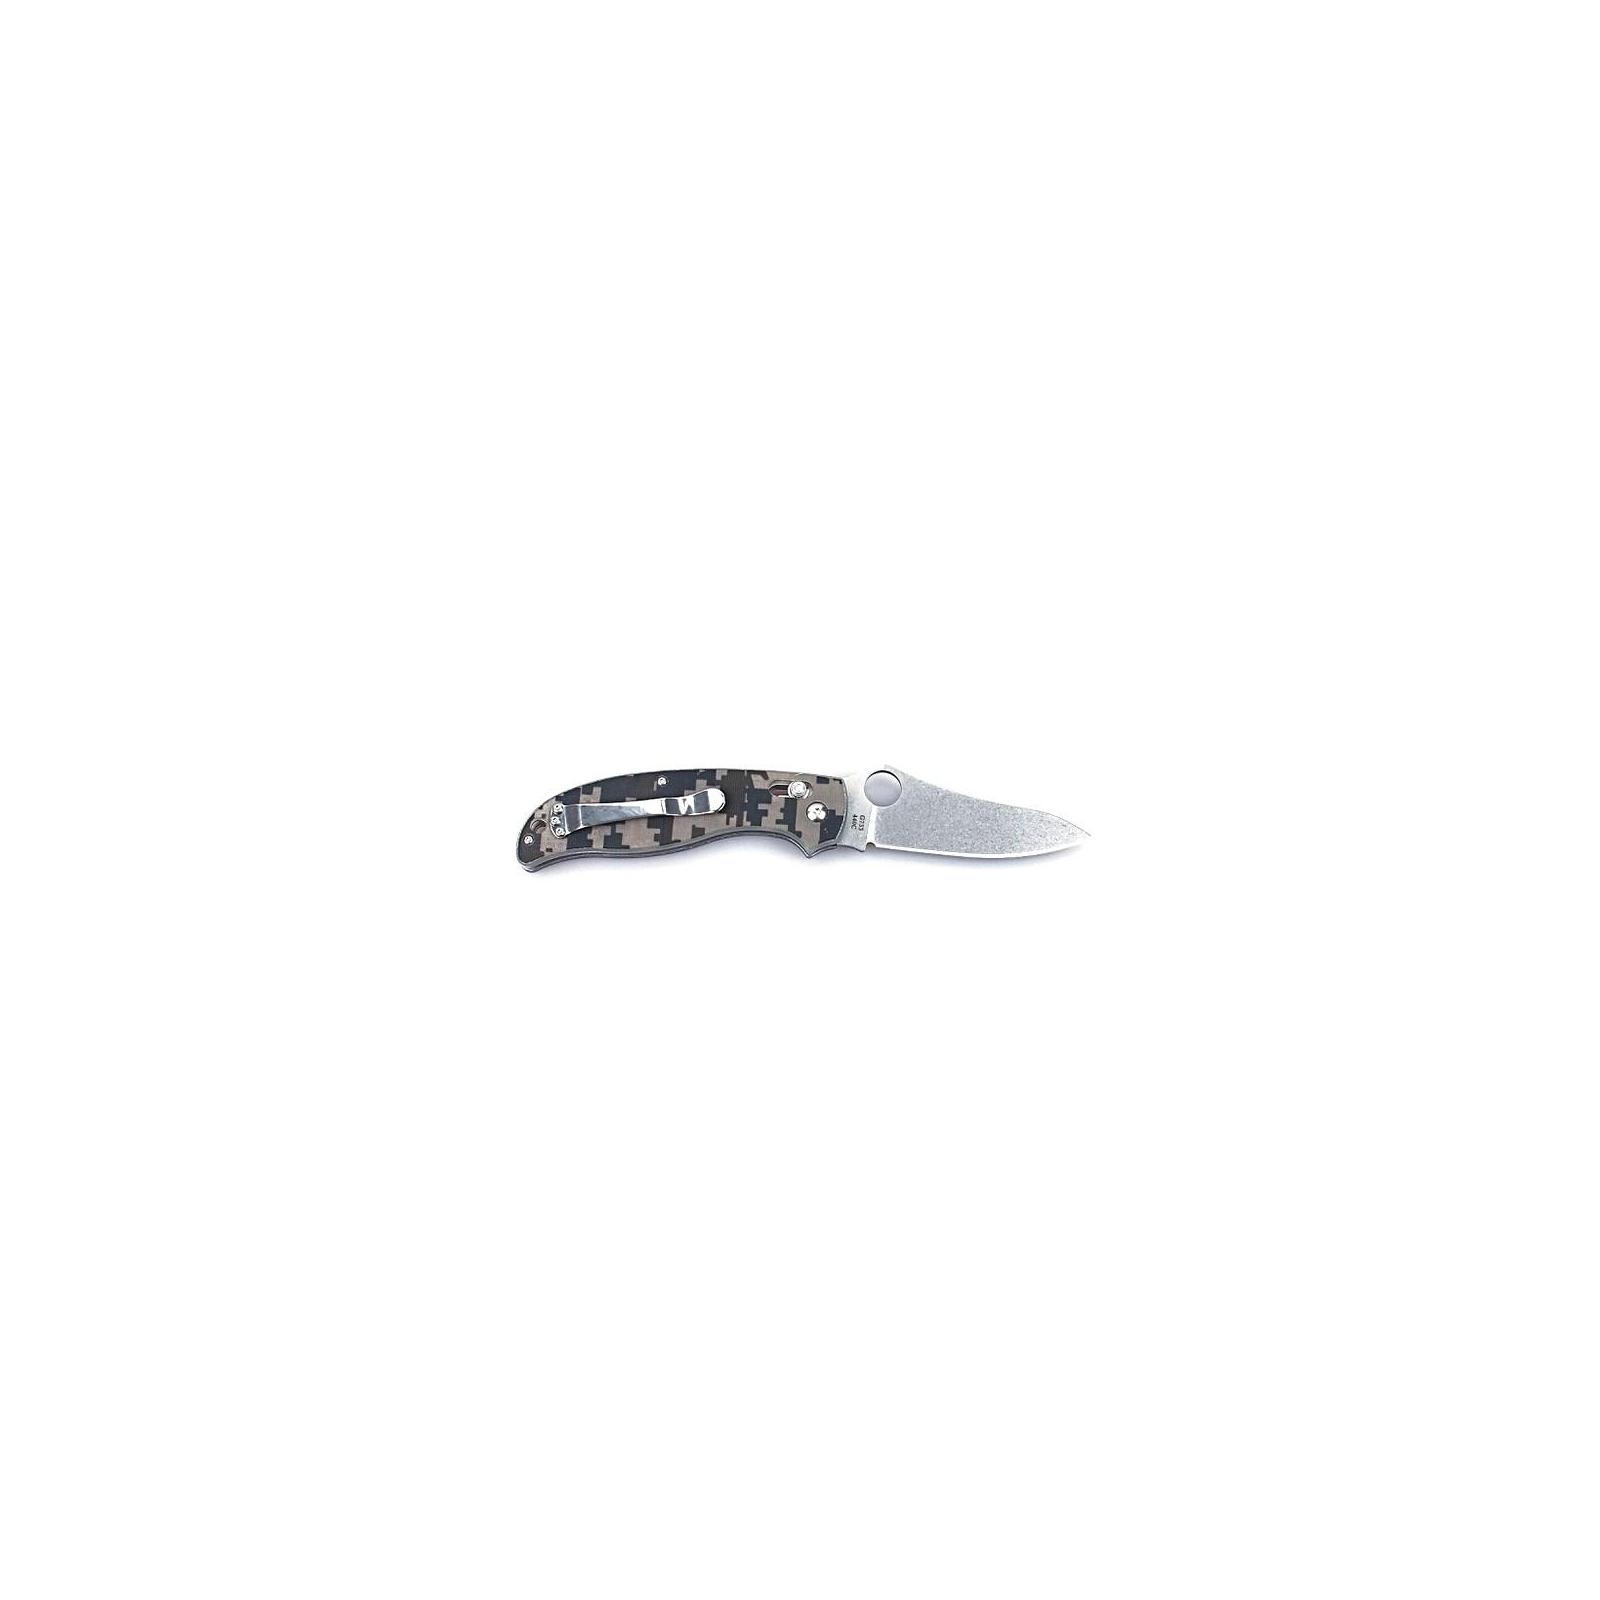 Нож Ganzo G7331-BK чёрный (2015-11-24) (G7331-BK) изображение 2